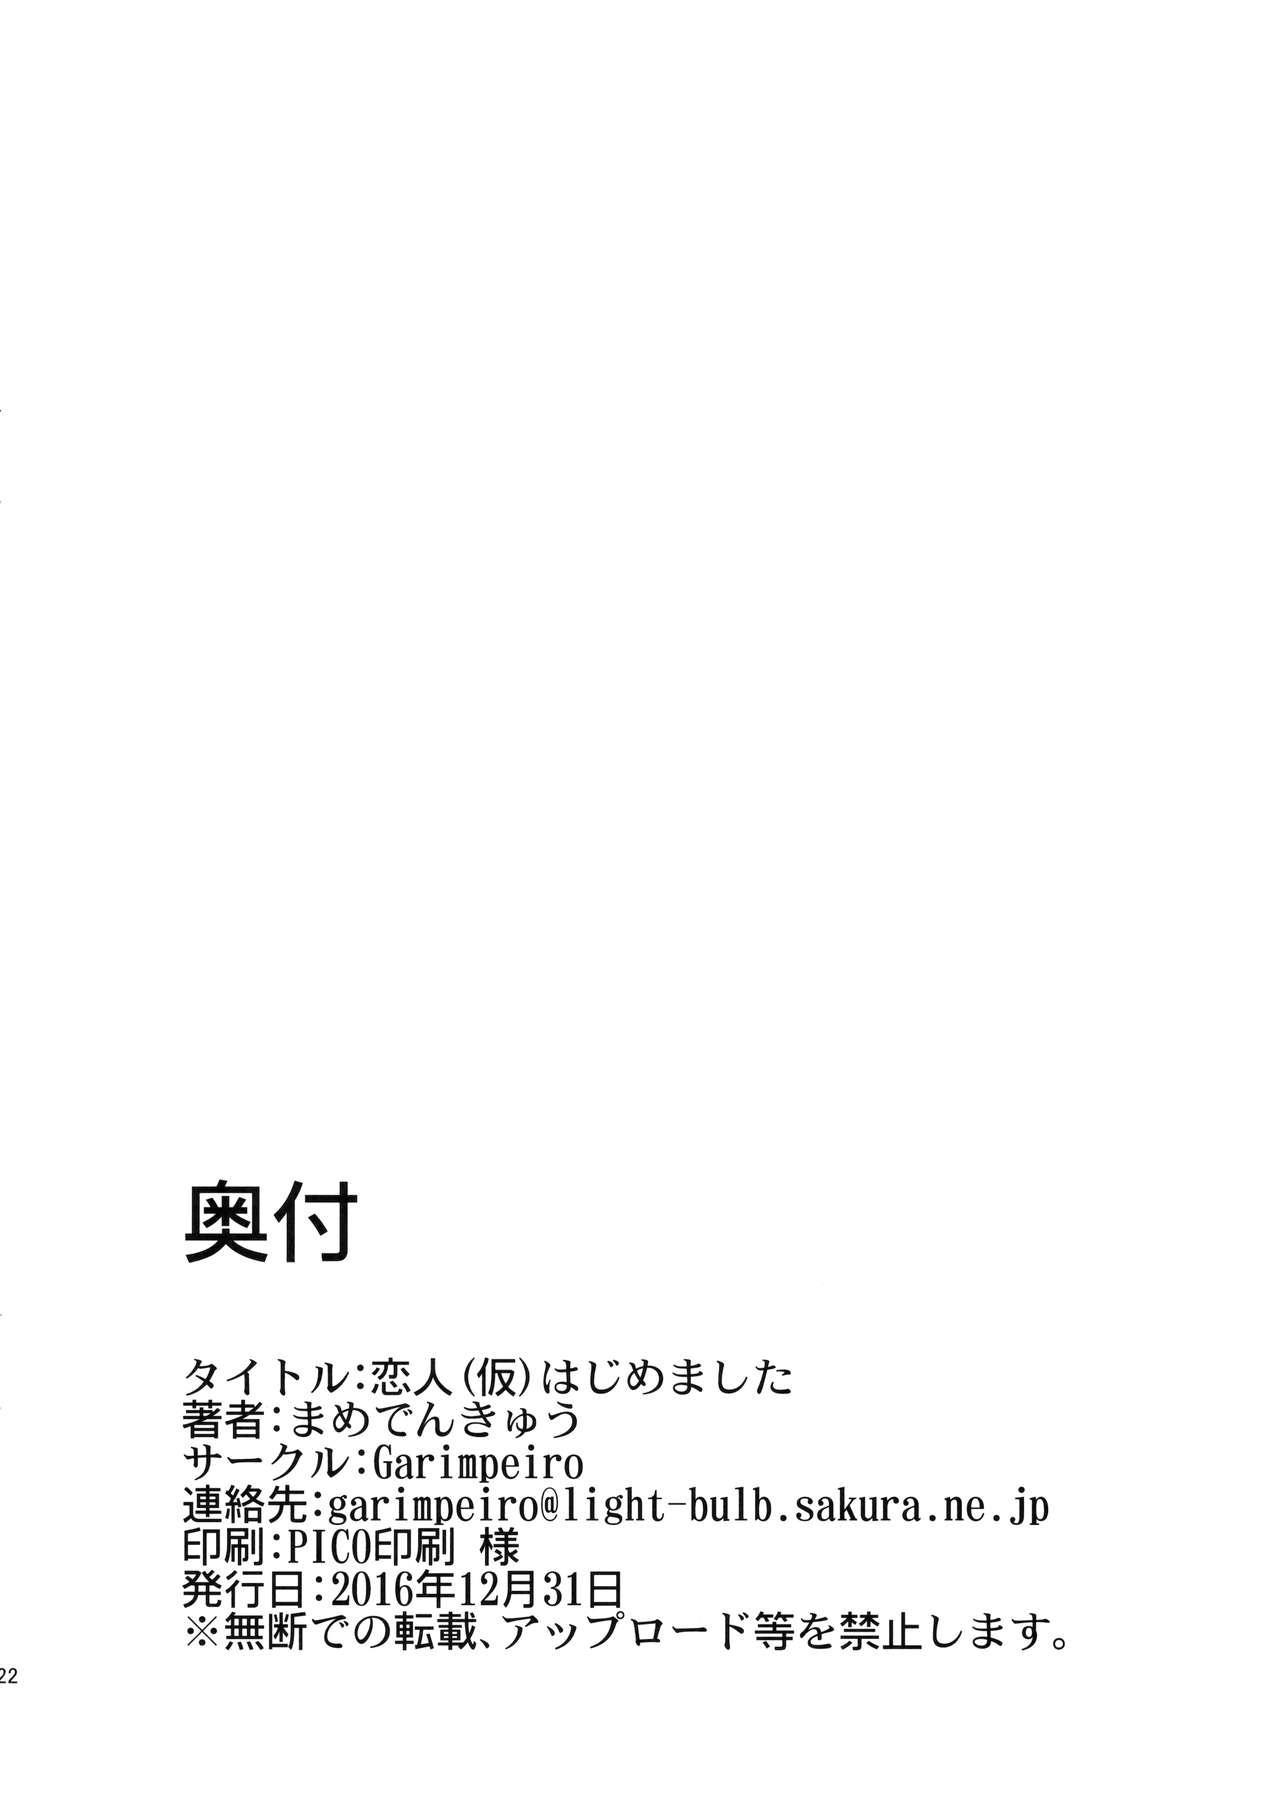 (C91) [Garimpeiro (Mame Denkyuu)] Koibito (Kari) Hajimemashita (THE IDOLM@STER CINDERELLA GIRLS) 20